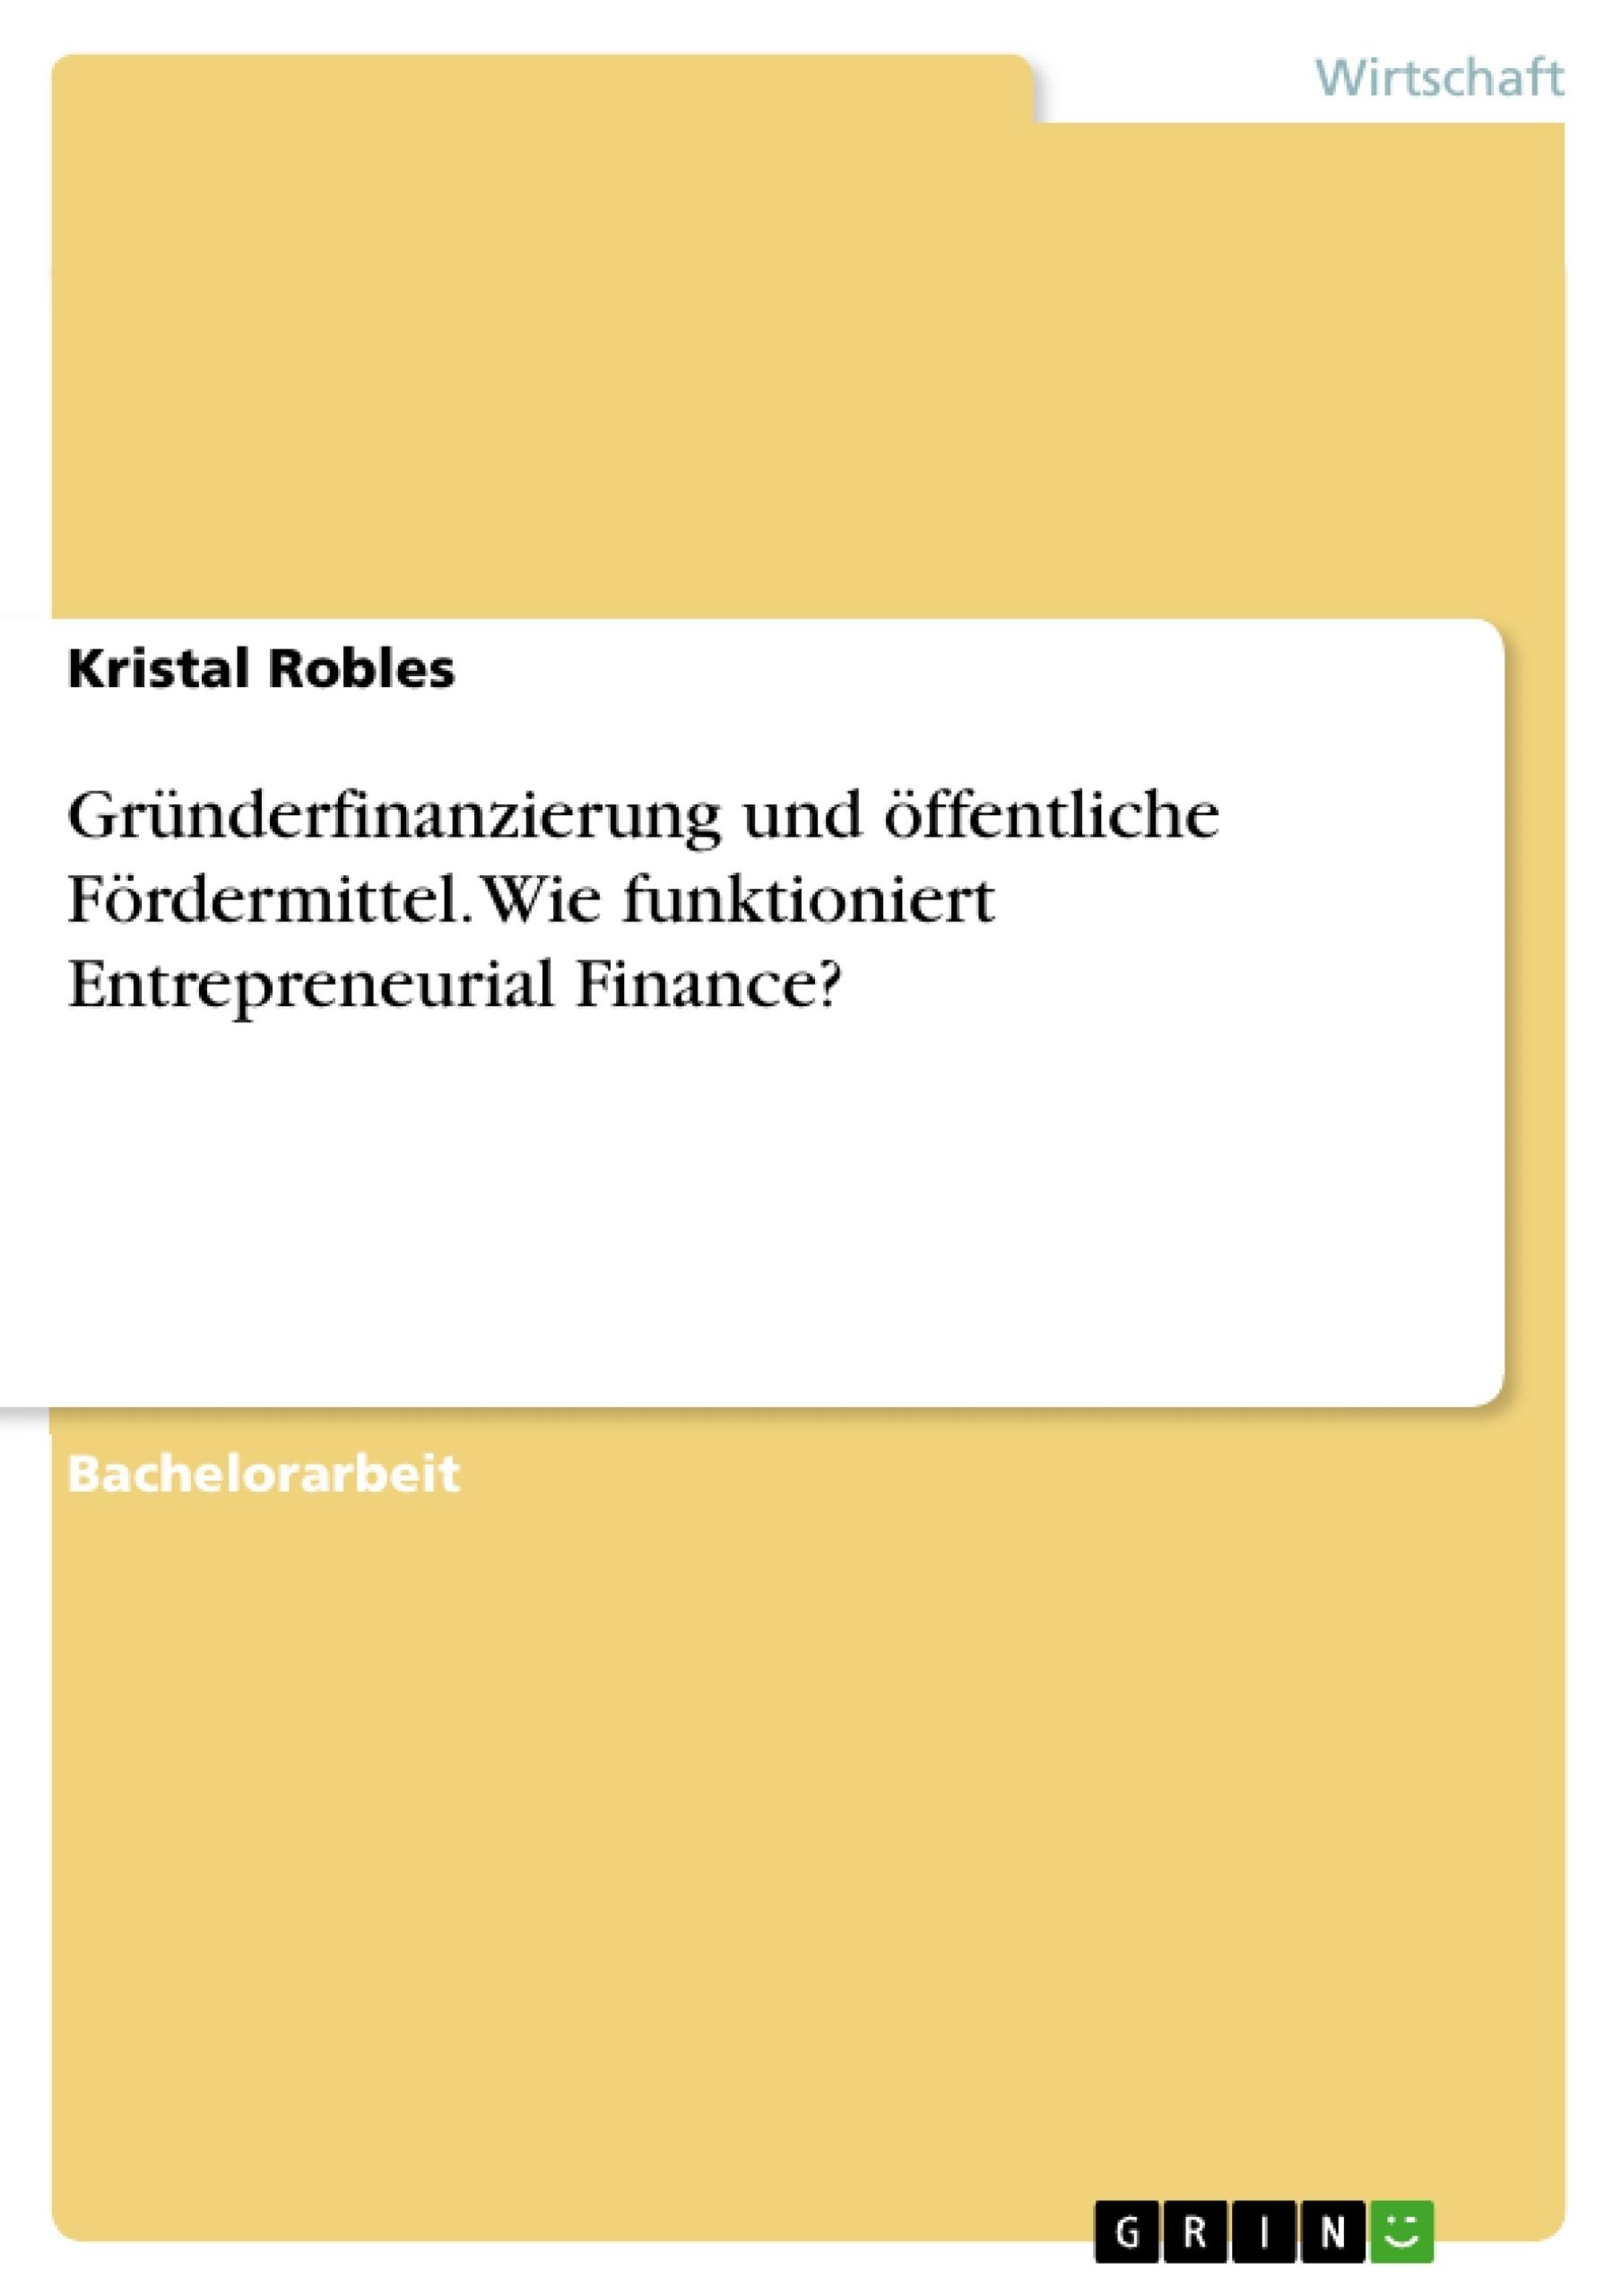 Titel: Gründerfinanzierung und öffentliche Fördermittel. Wie funktioniert Entrepreneurial Finance?